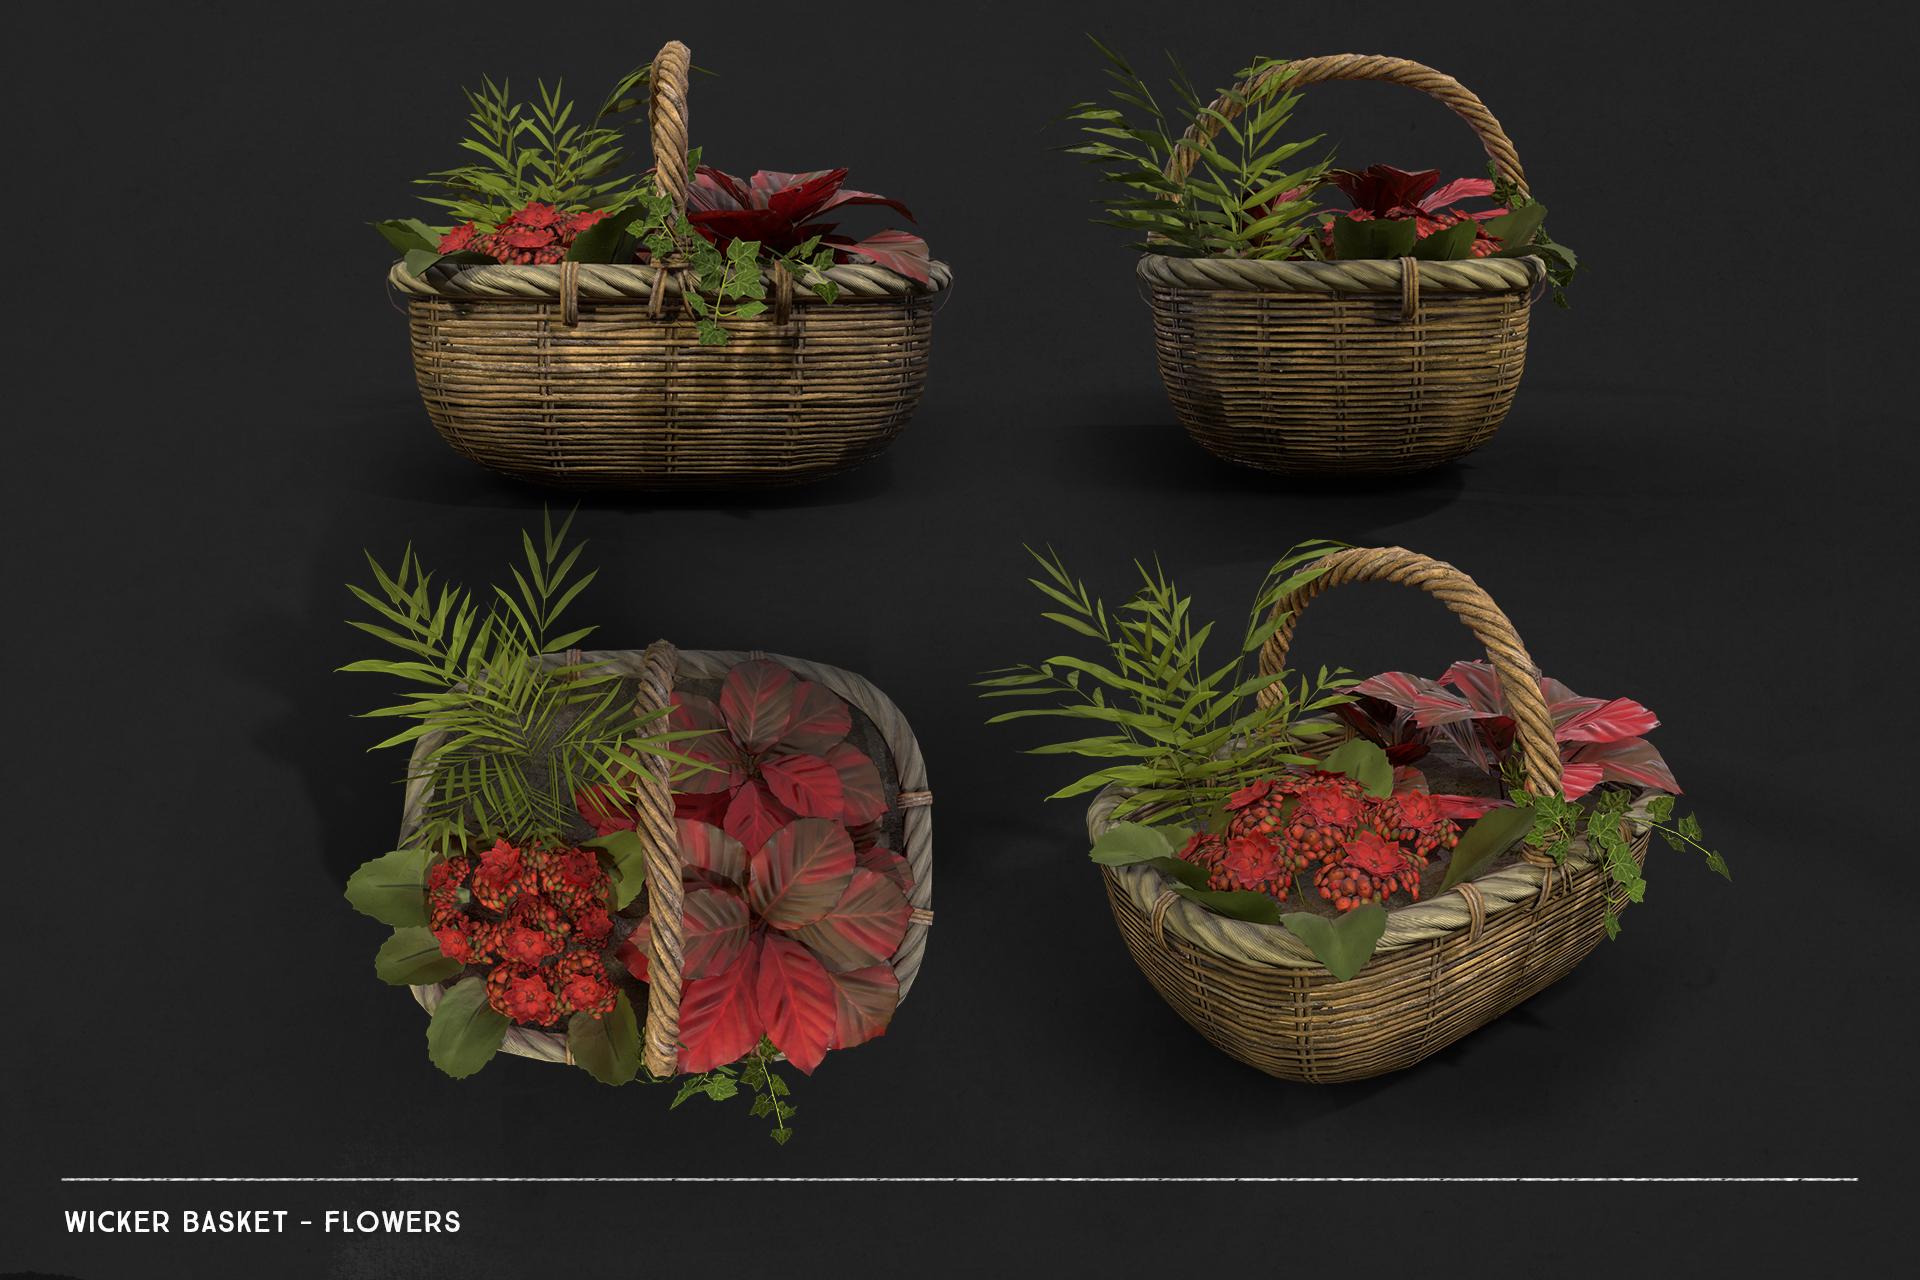 wicker_basket_flowers.jpg